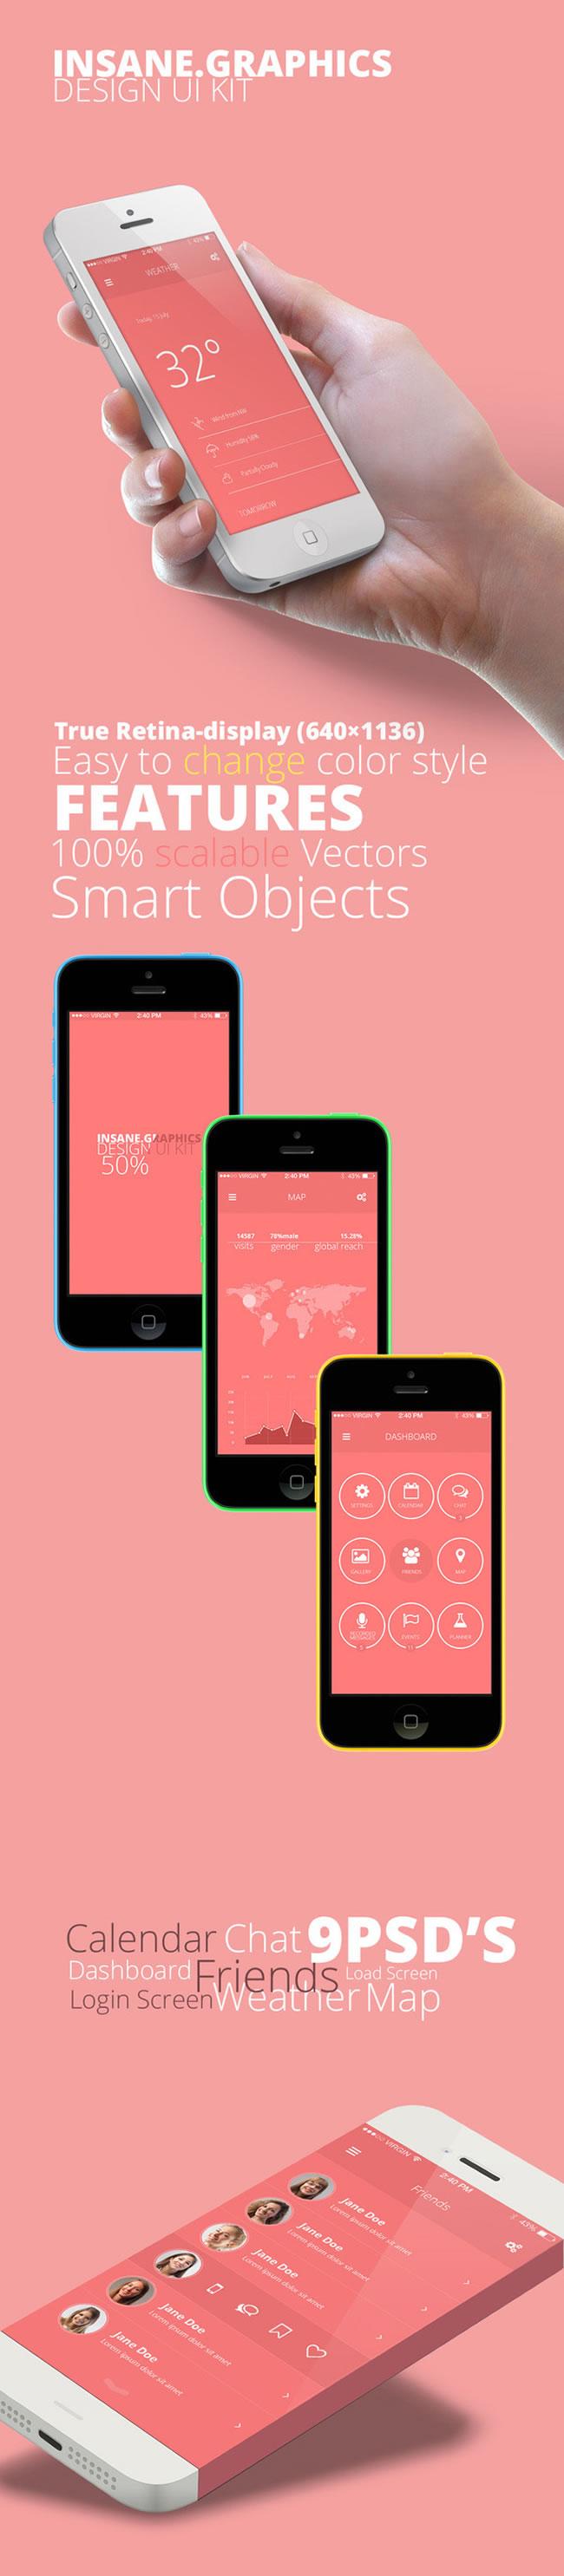 iphone界面模板 PSD素材